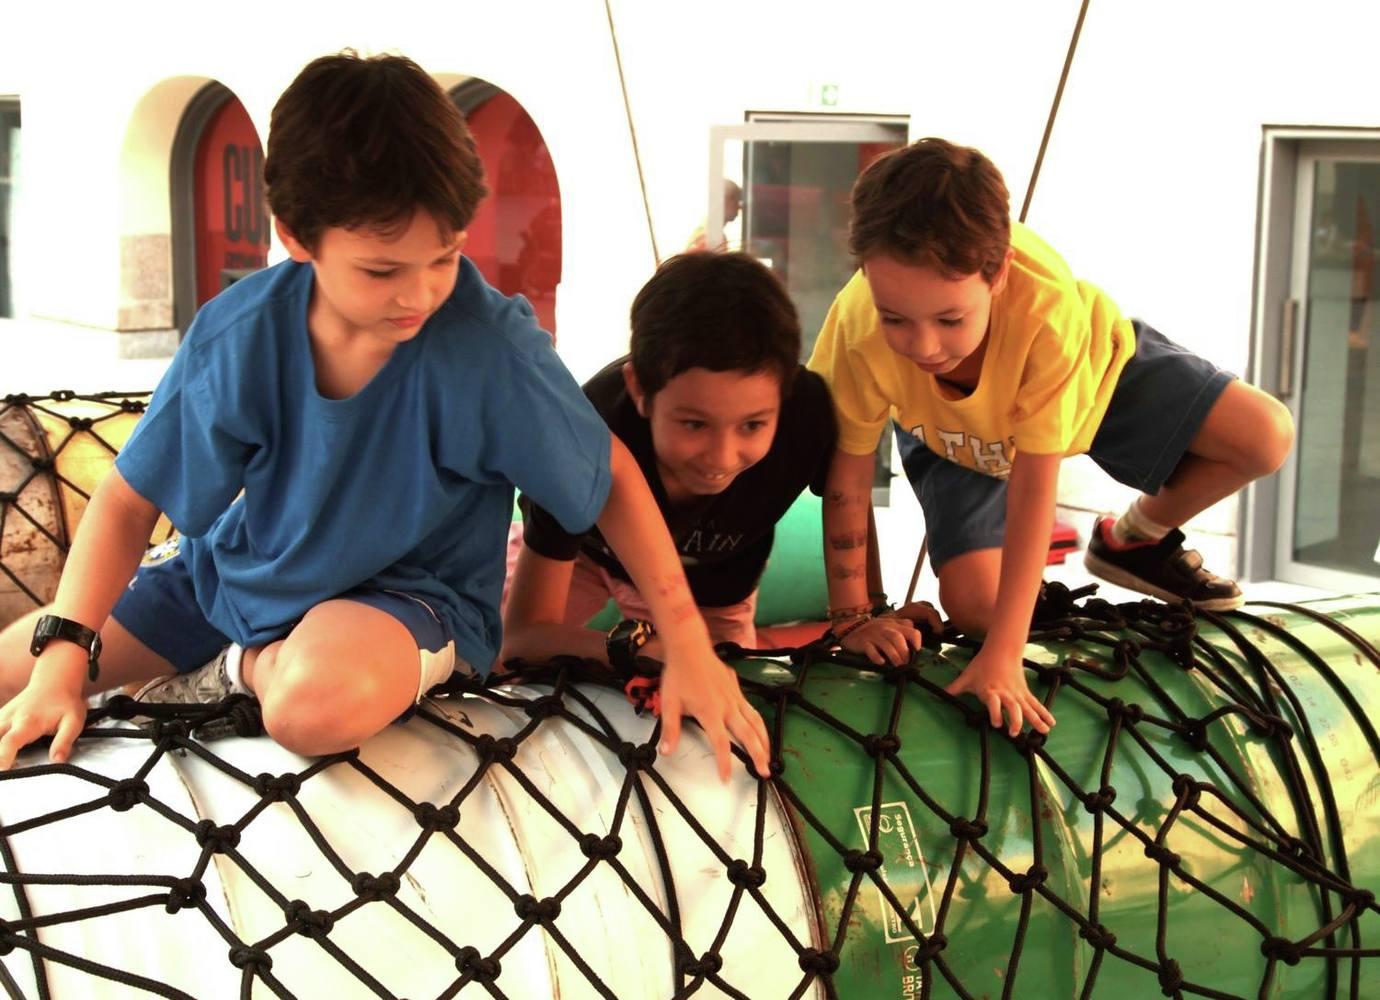 Coletivo cria playground no Rio com 200 tambores de óleo que iriam para o lixo 6